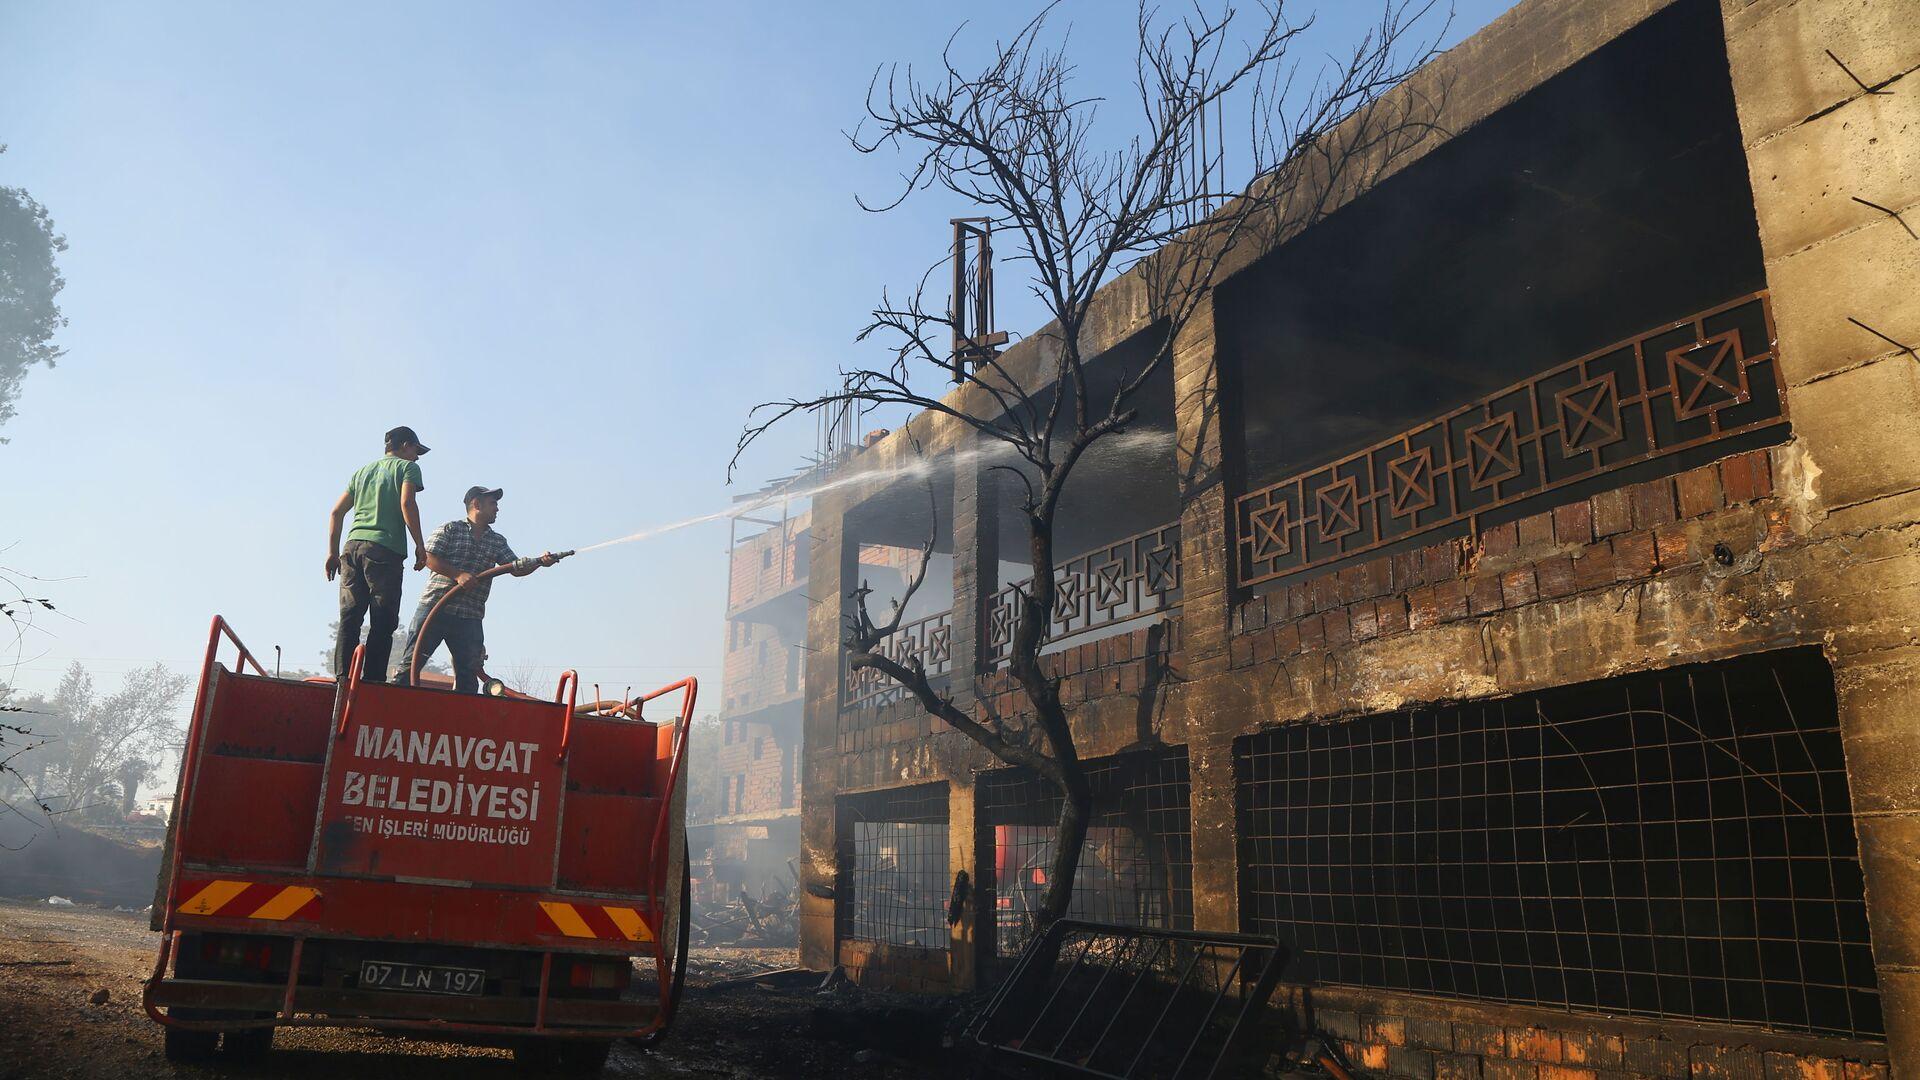 Пожарные охлаждают сгоревший в результате лесного пожара дом в Манагавте, Турция  - Sputnik Polska, 1920, 30.07.2021